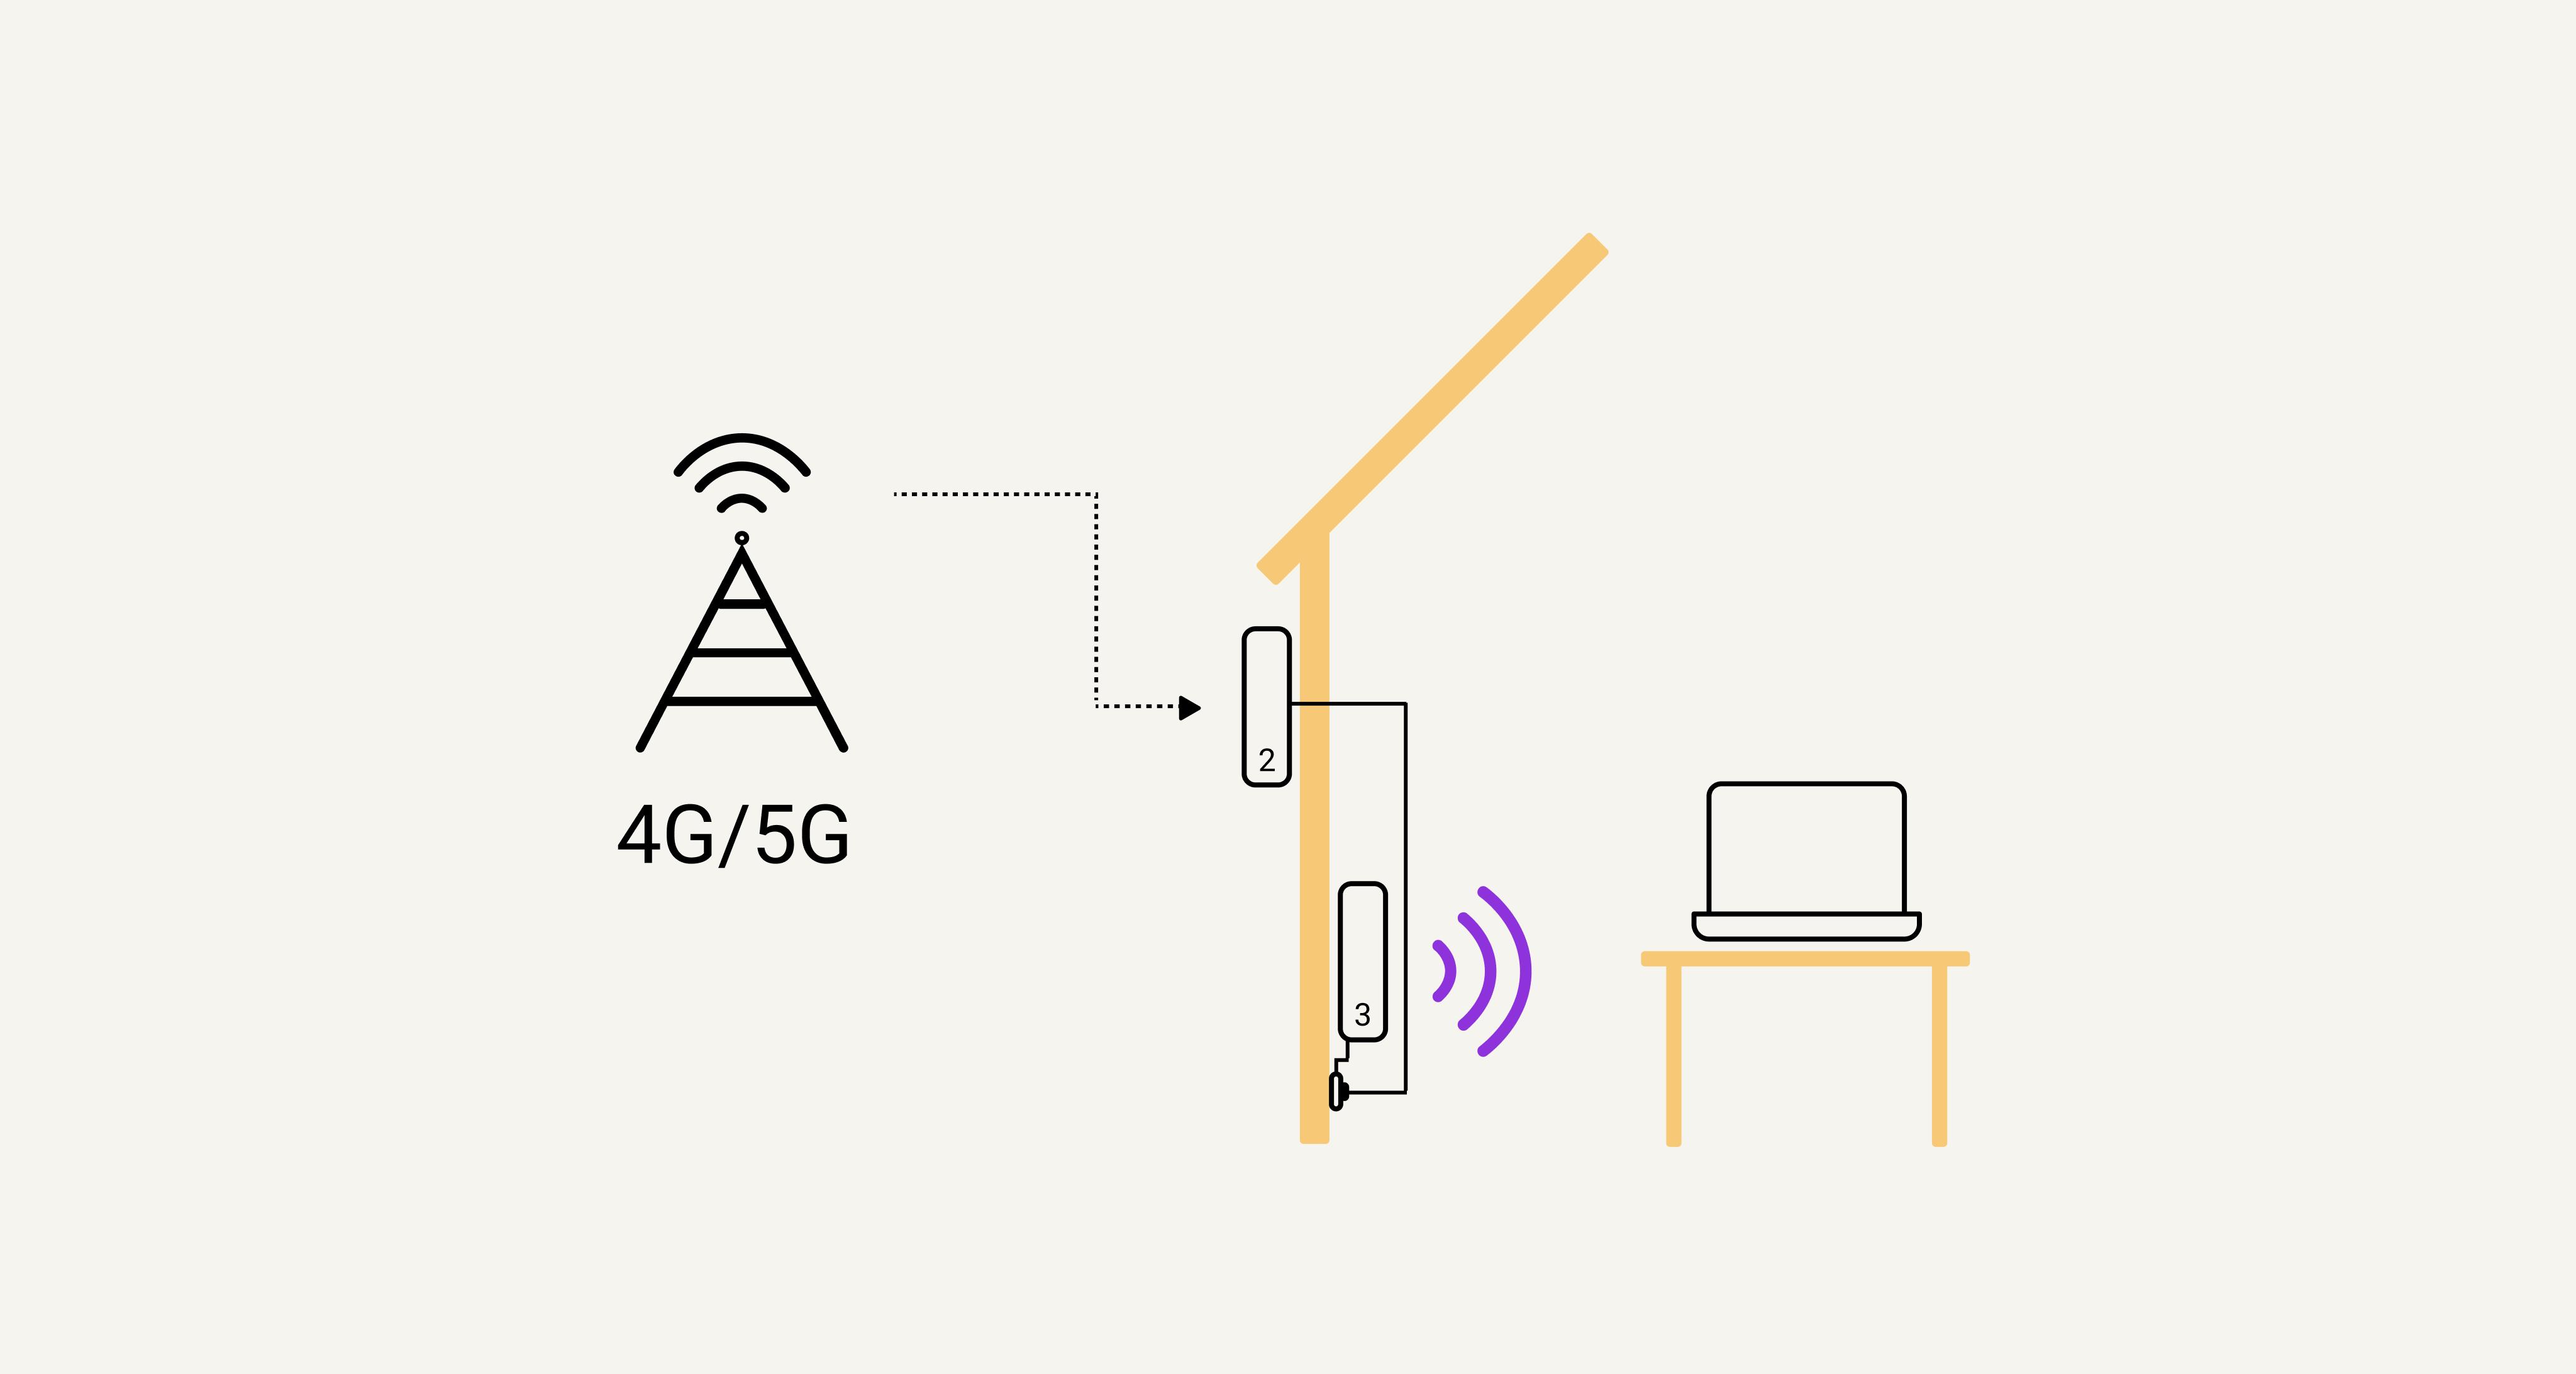 illustrasjon av funskjonen til bredbåndboksen